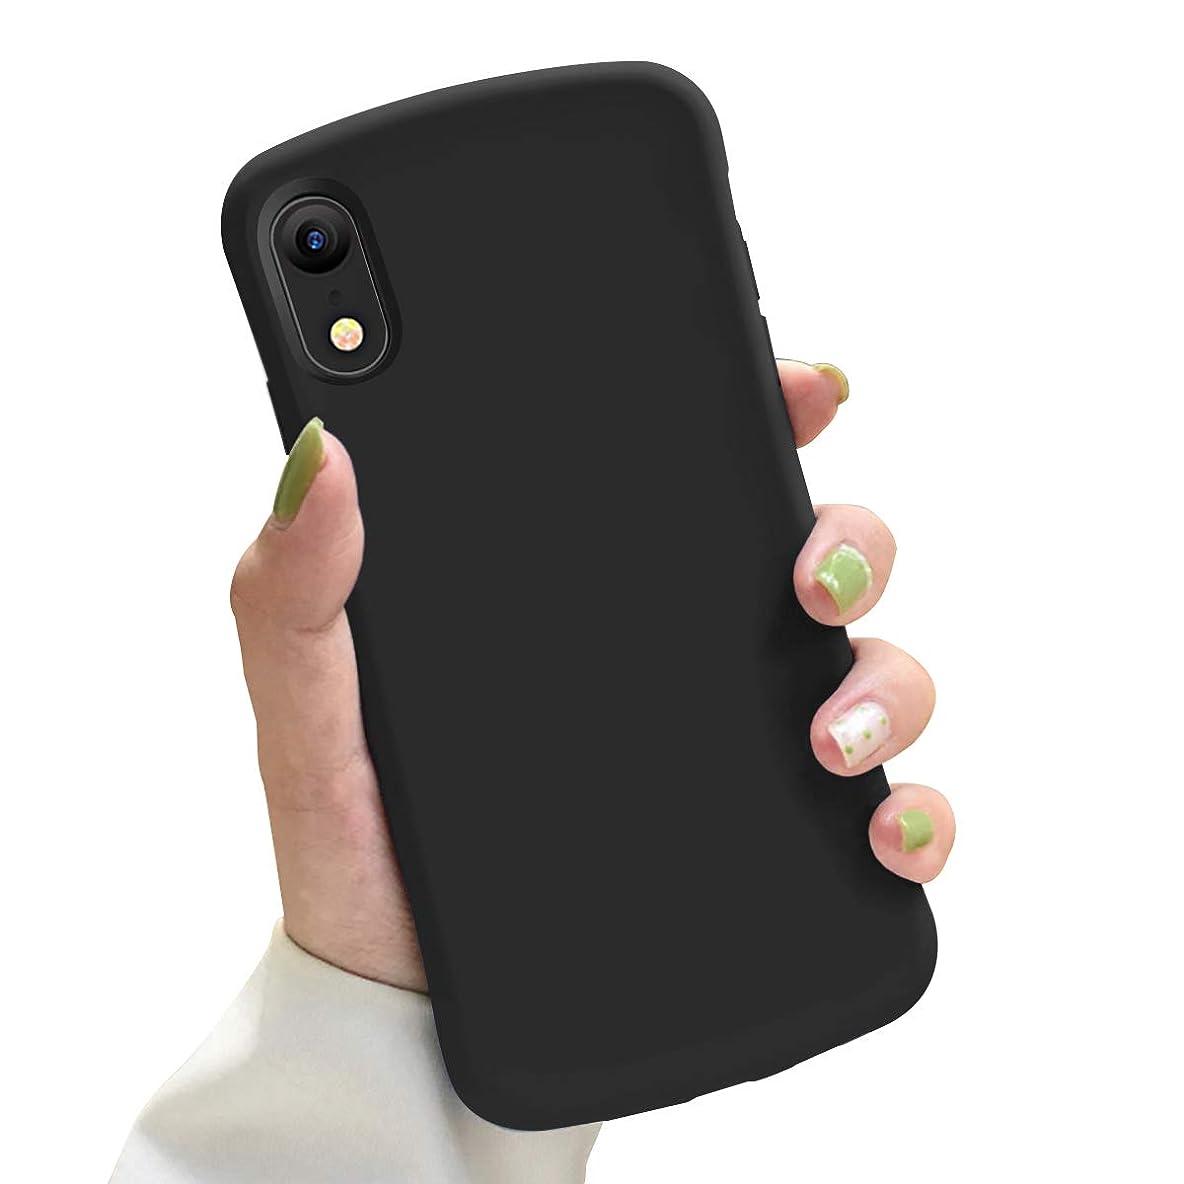 雪の三角不毛iPhone XR ケース TPU シリコン 耐衝撃 米軍MIL規格取得 驚くほどの手触り 指紋防止 防塵 人気 全面保護 スマホケース 6.1インチ ブラック